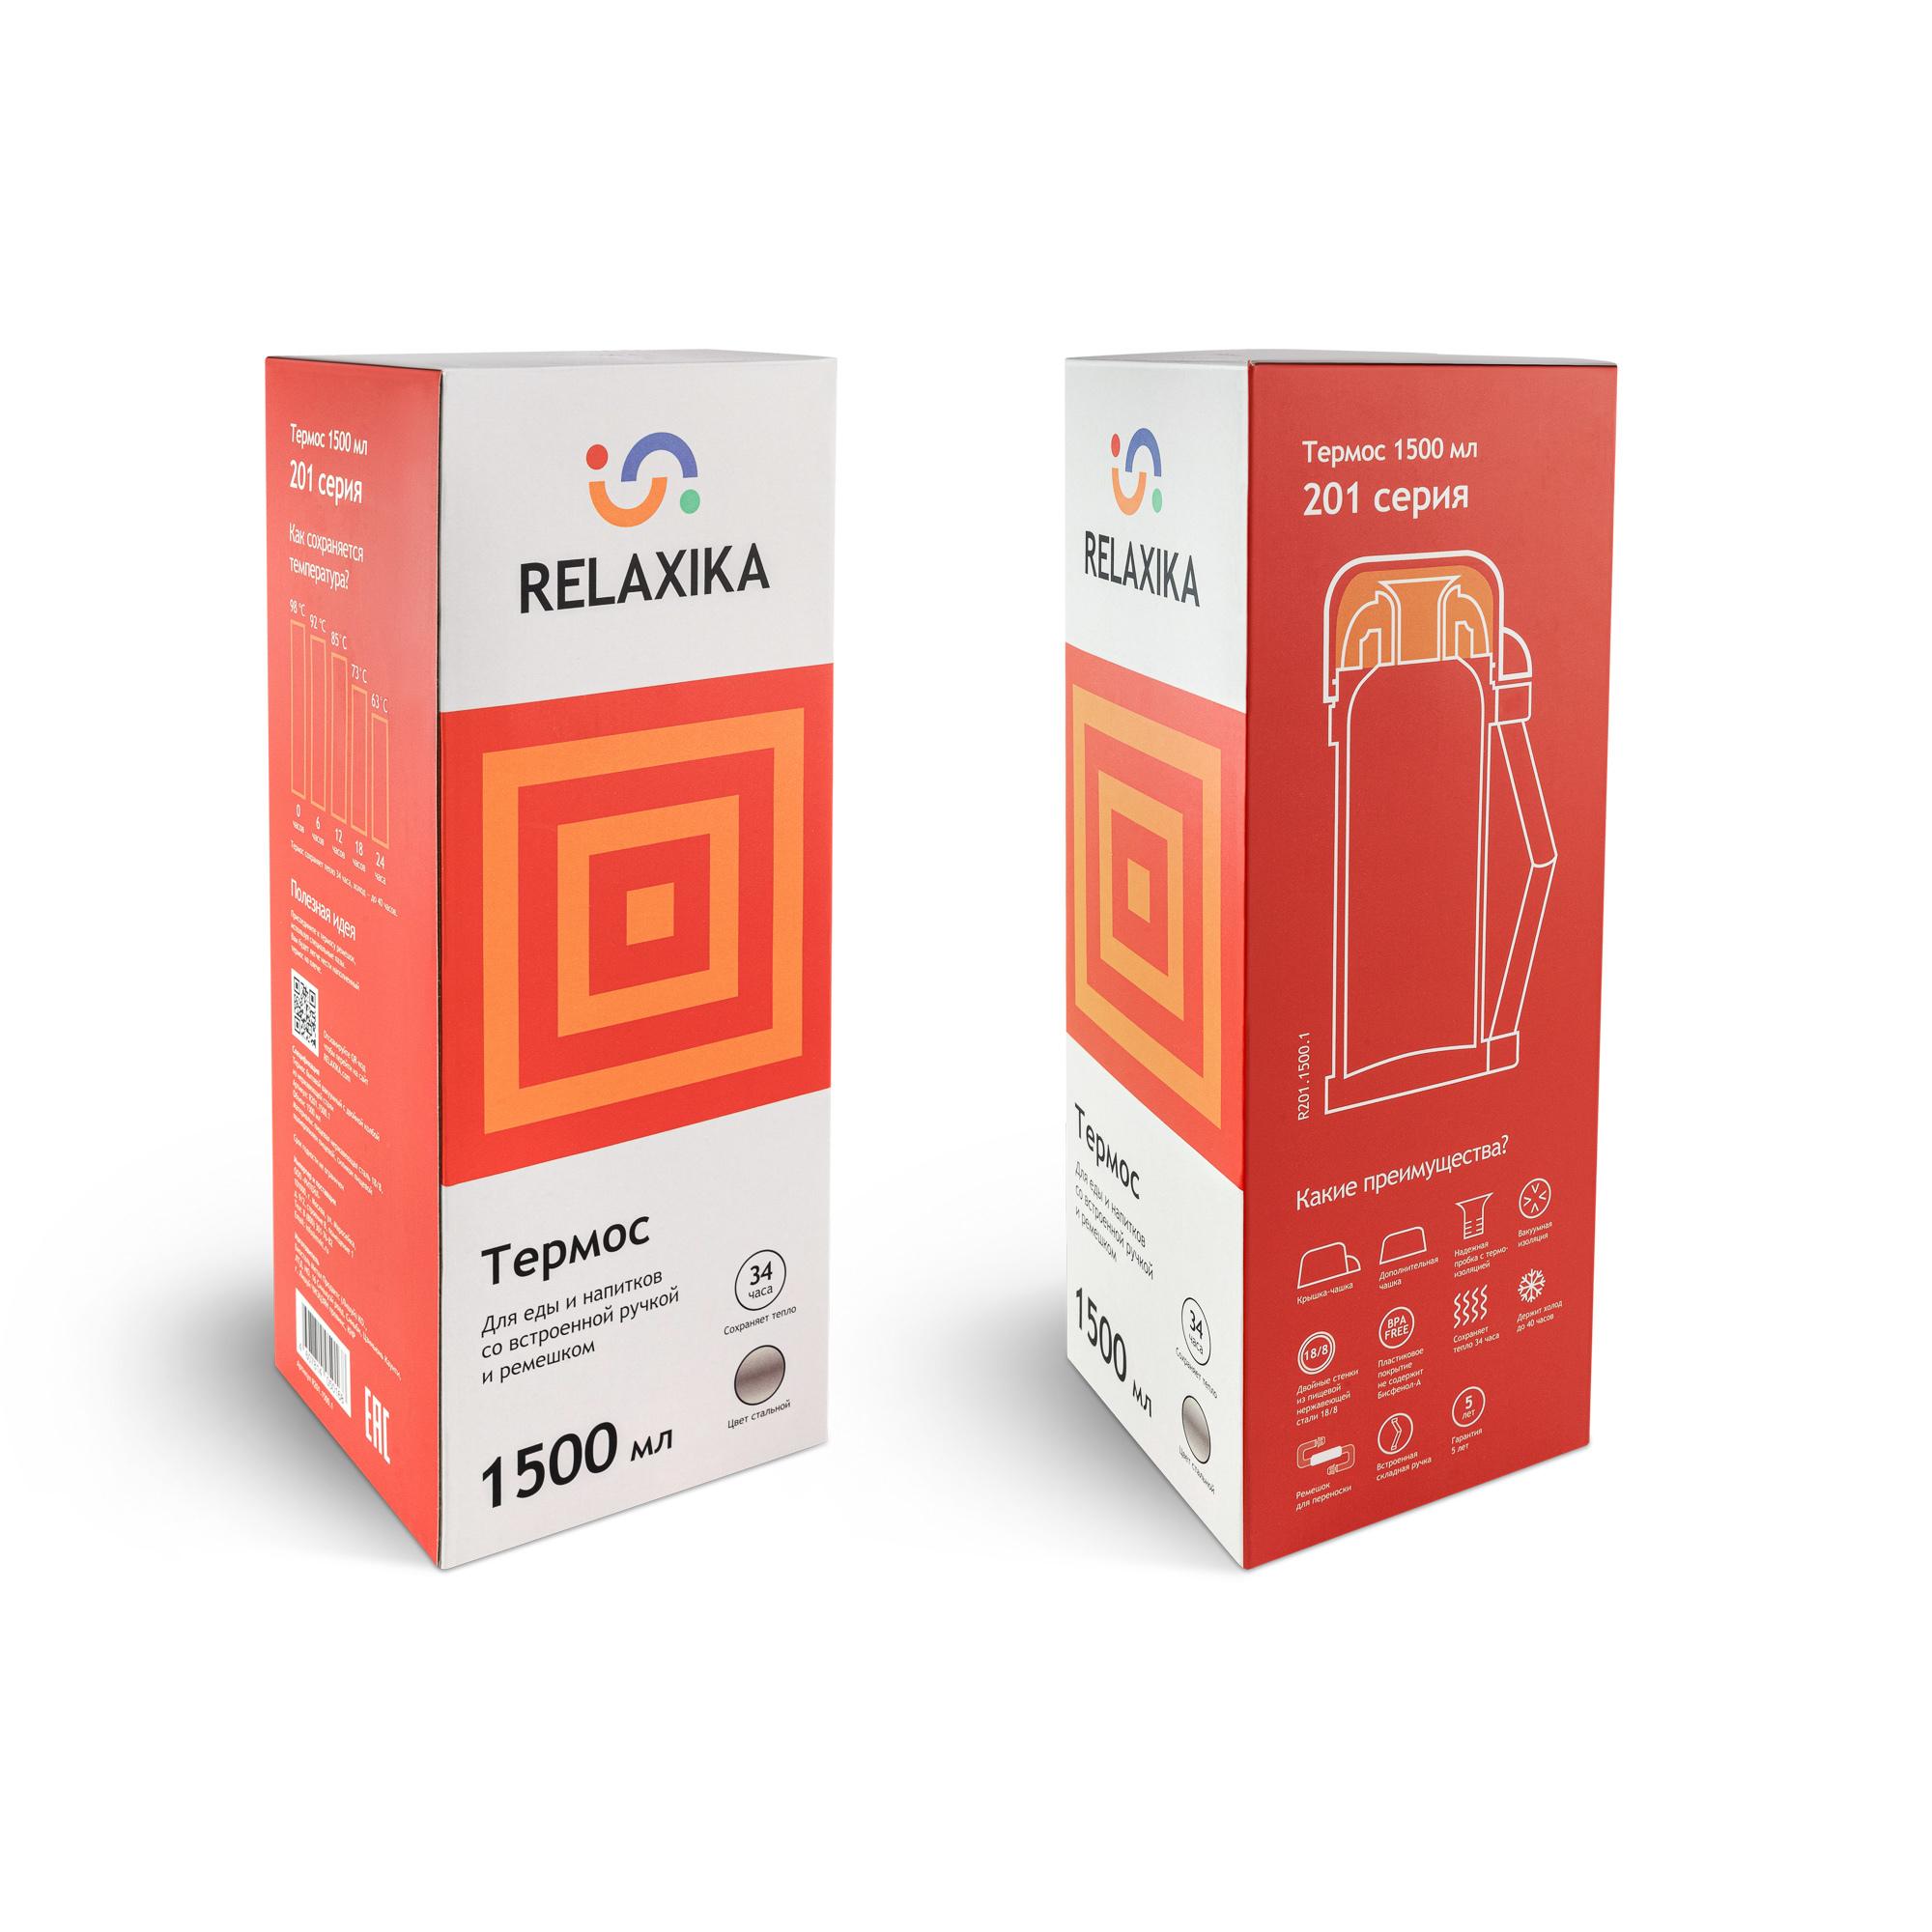 Термос универсальный (для еды и напитков) Relaxika 201 (1,5 литра), стальной